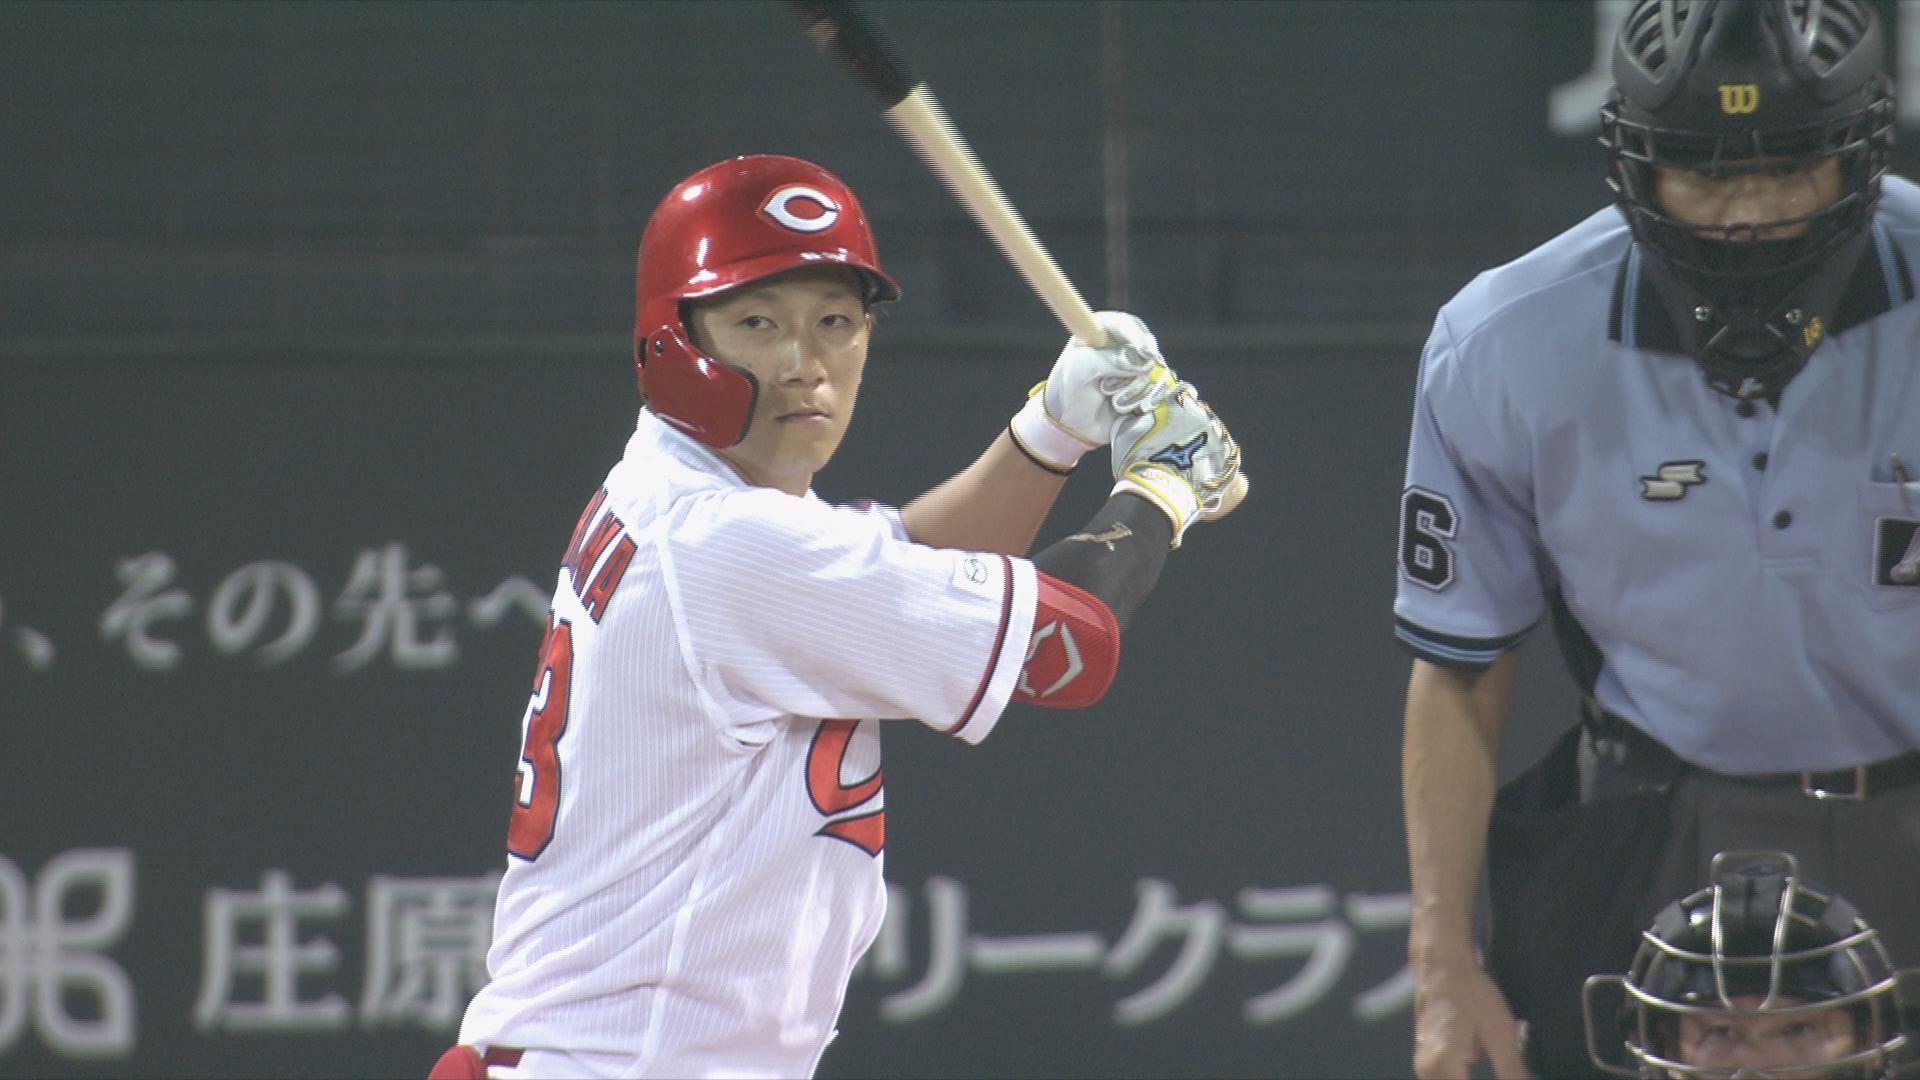 西川選手のバットがチーム浮上の鍵を握る